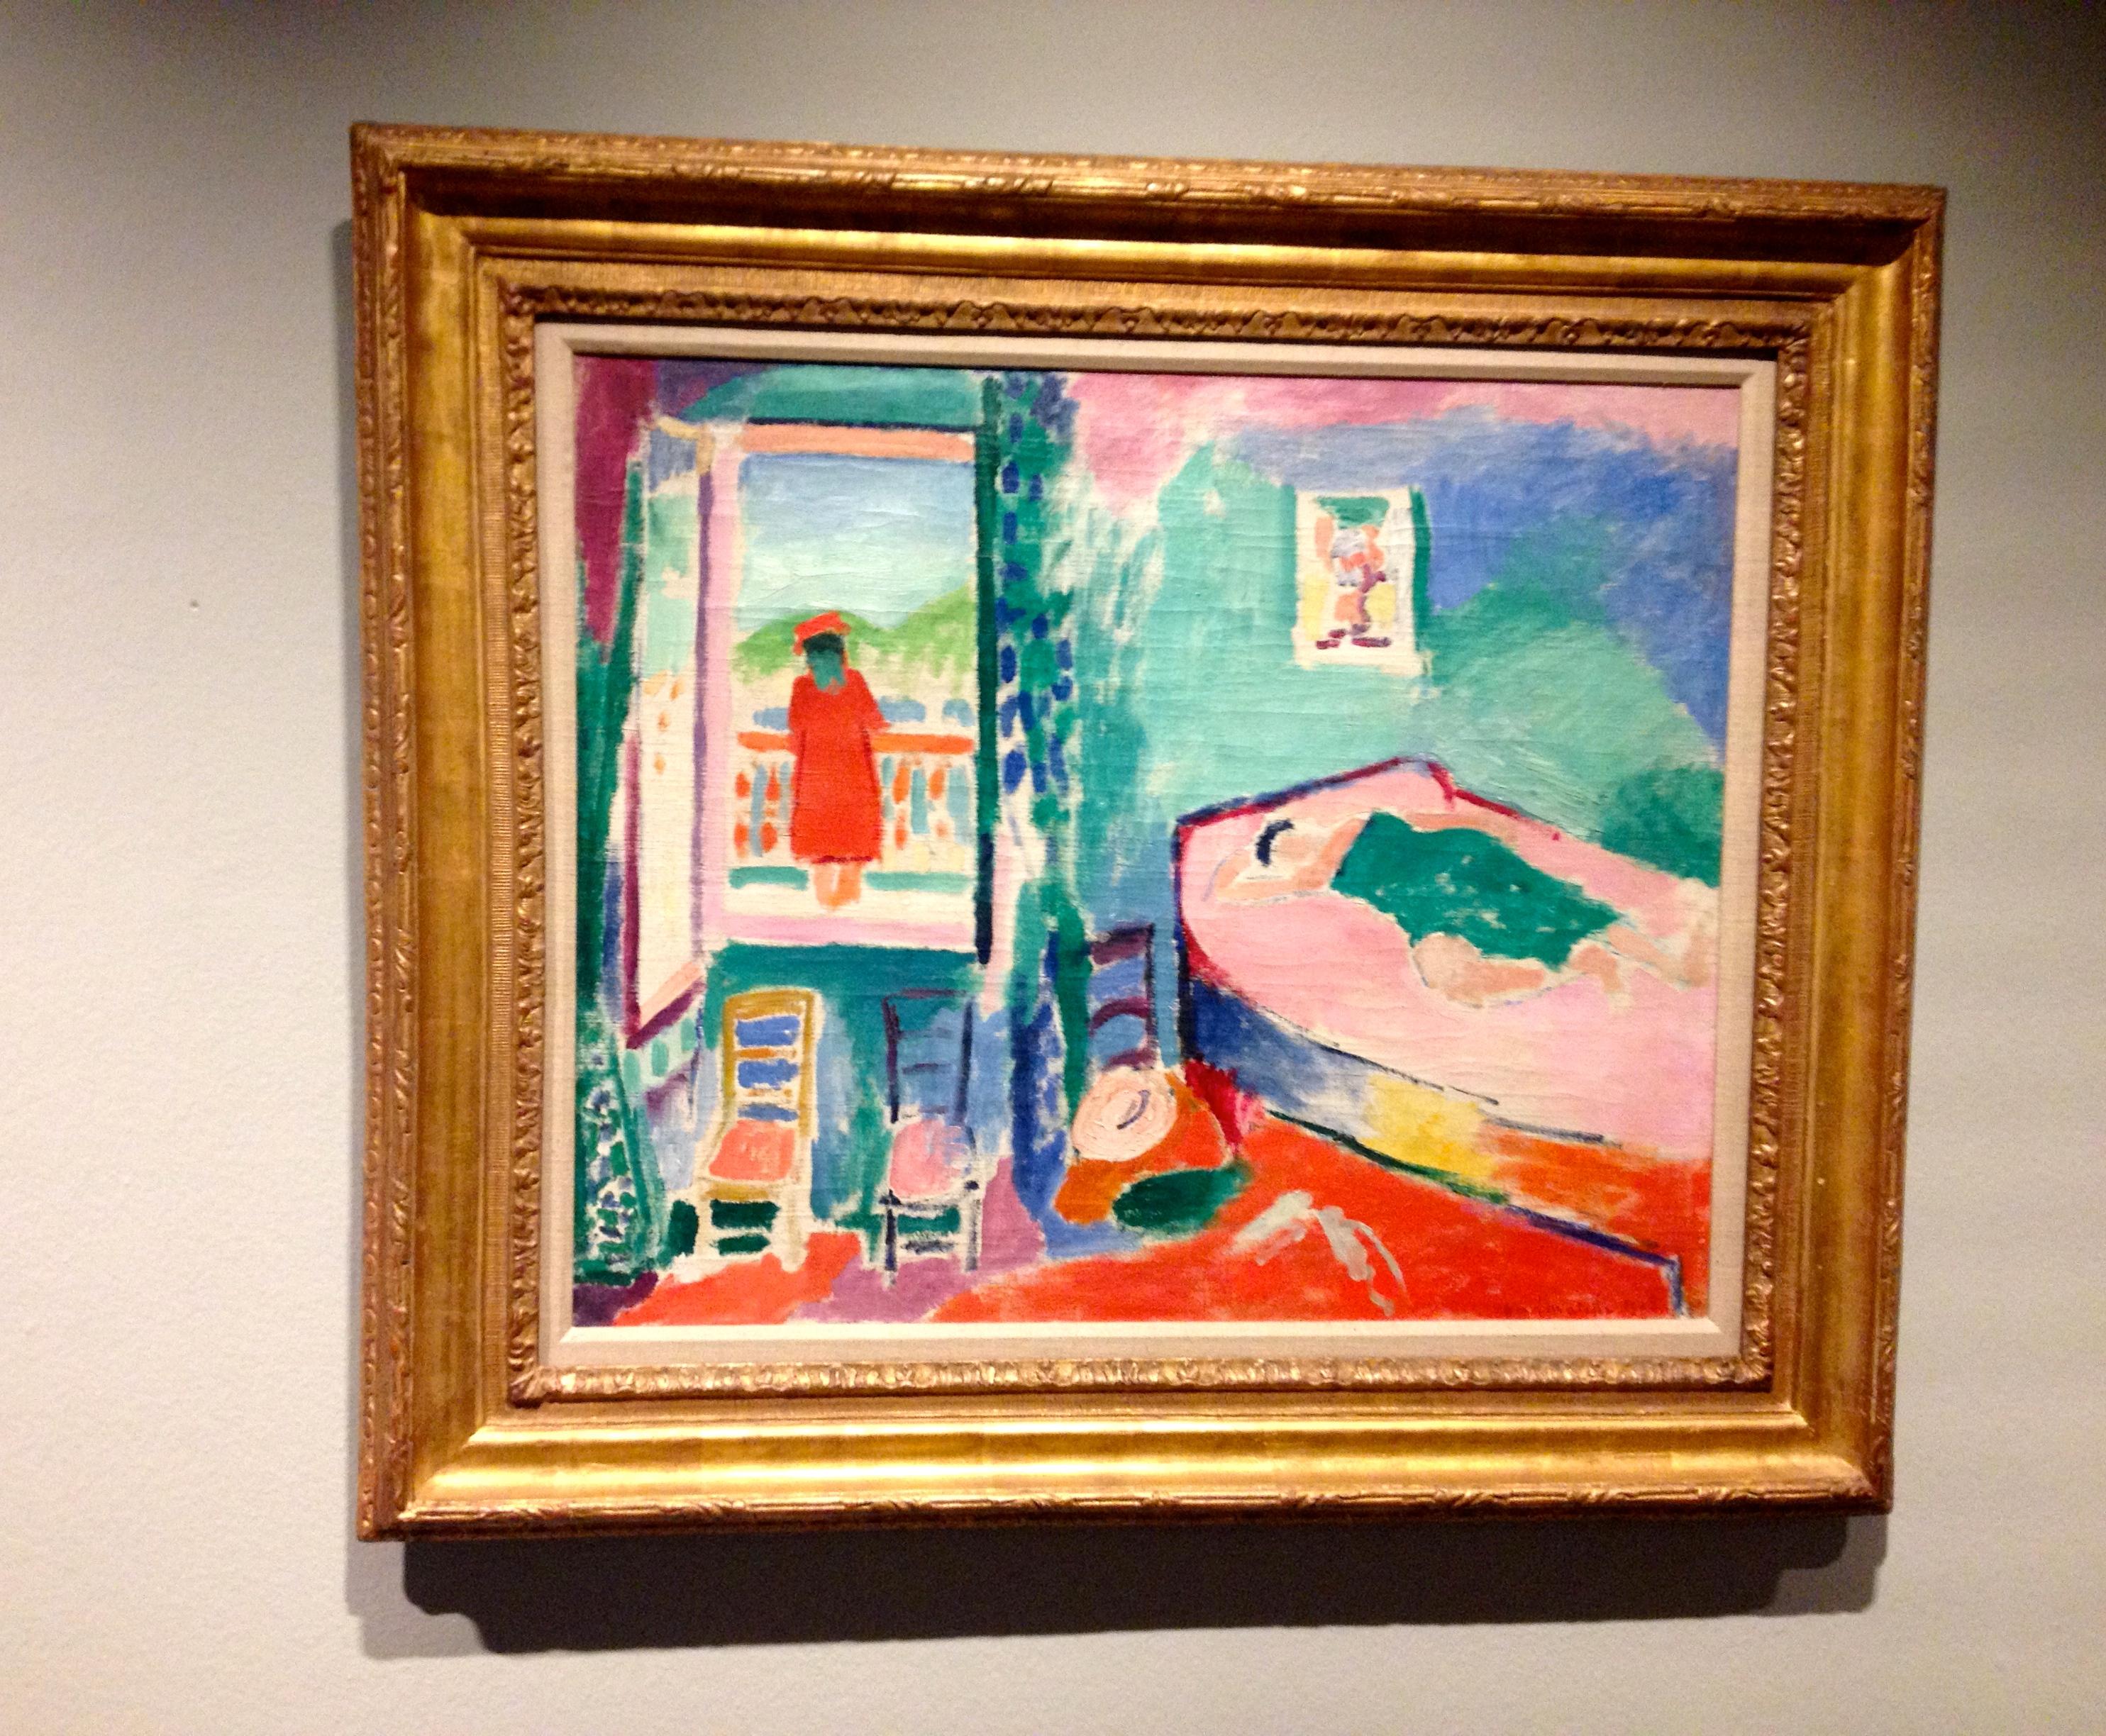 Matisse en son temps fondation pierre gianadda the for Le violoniste a la fenetre henri matisse